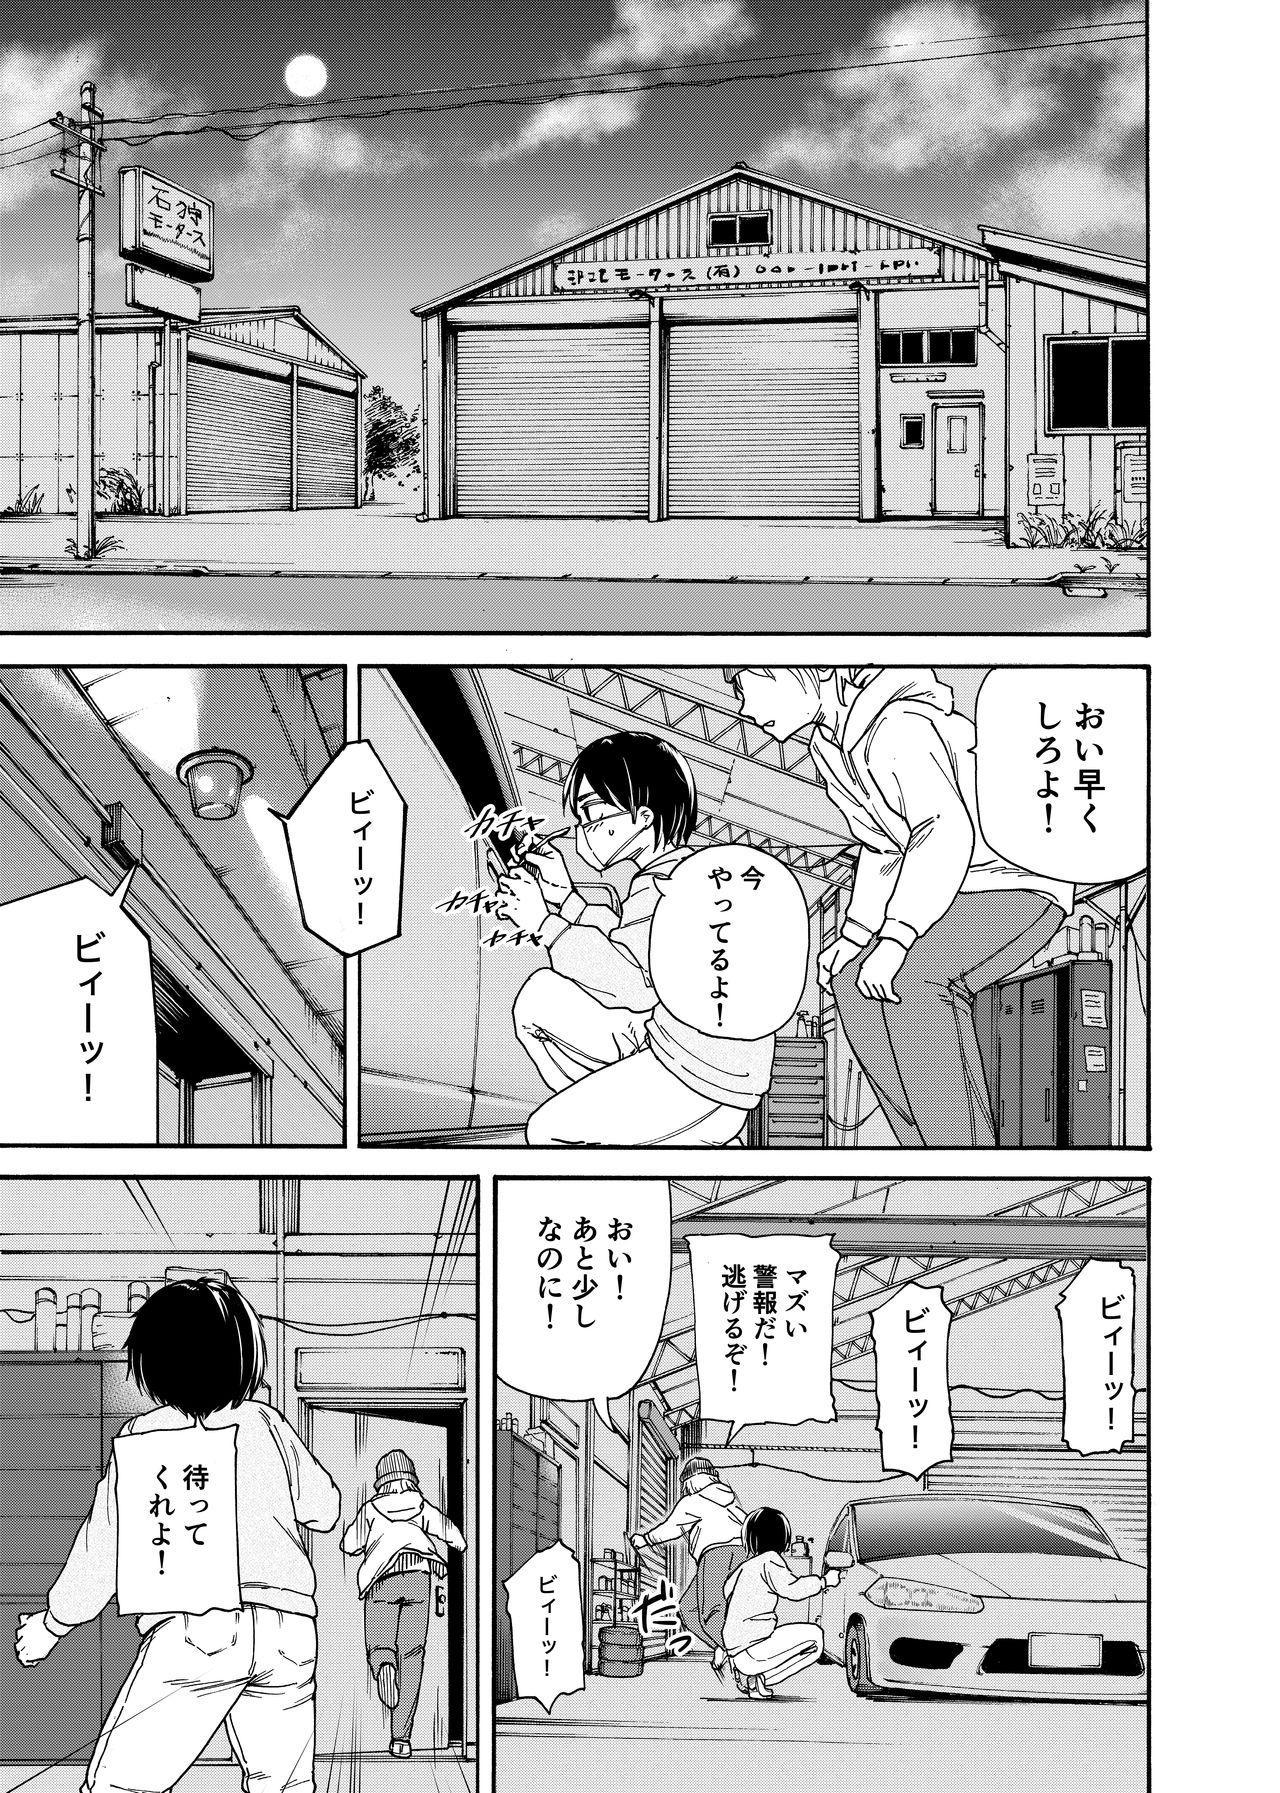 Tsunagi Gal ga Seisai Fudeoroshi 2